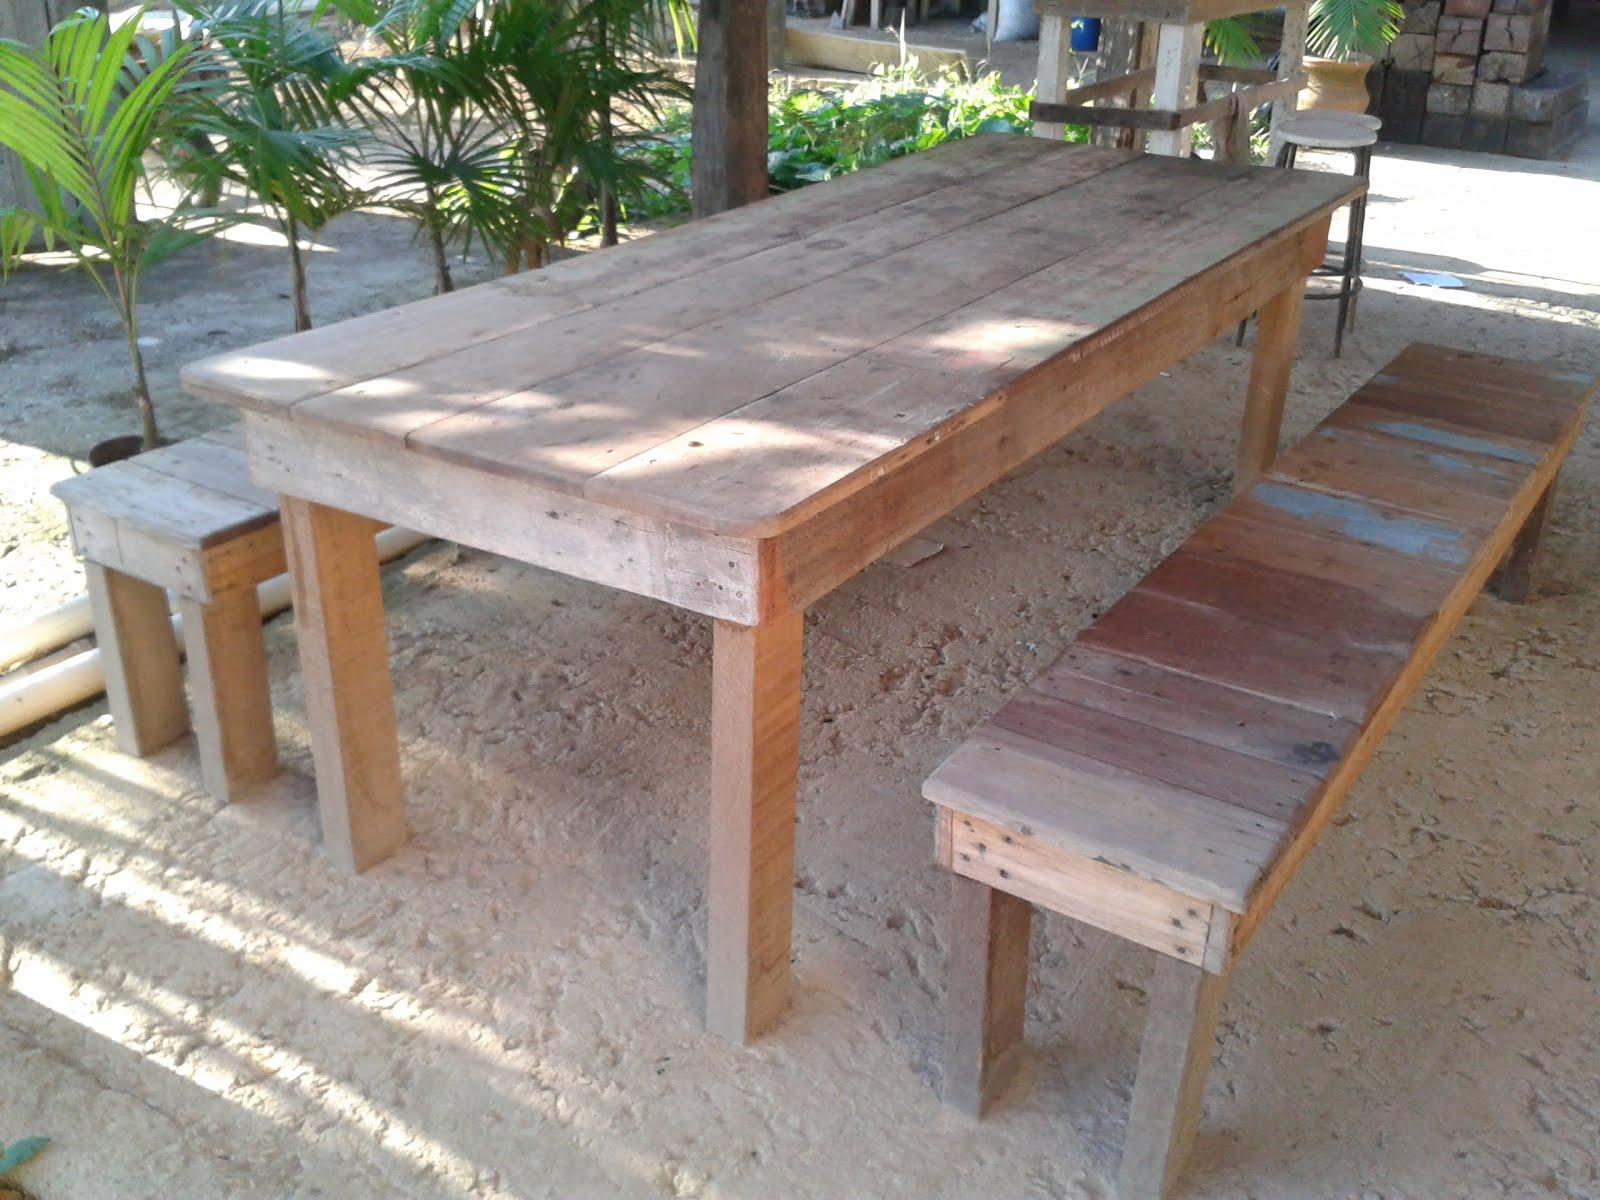 mesa de madeira de demolição #45653A 1600x1200